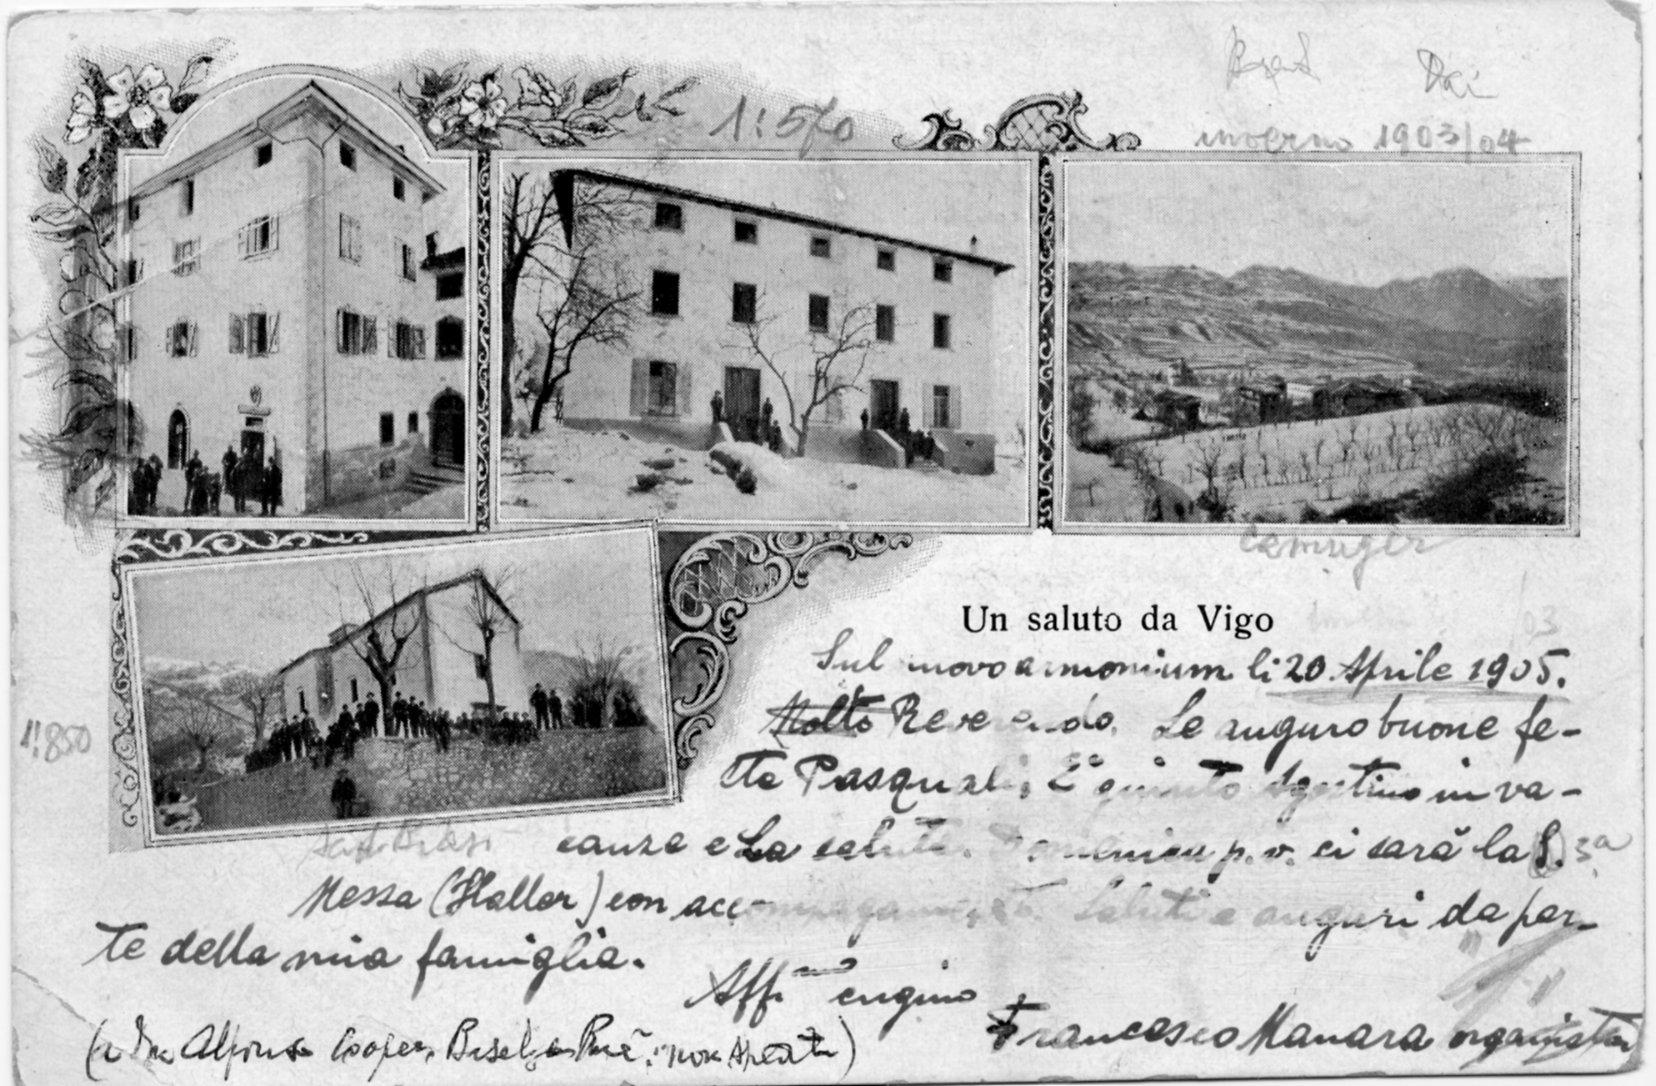 cartolina-di-vigo-19051